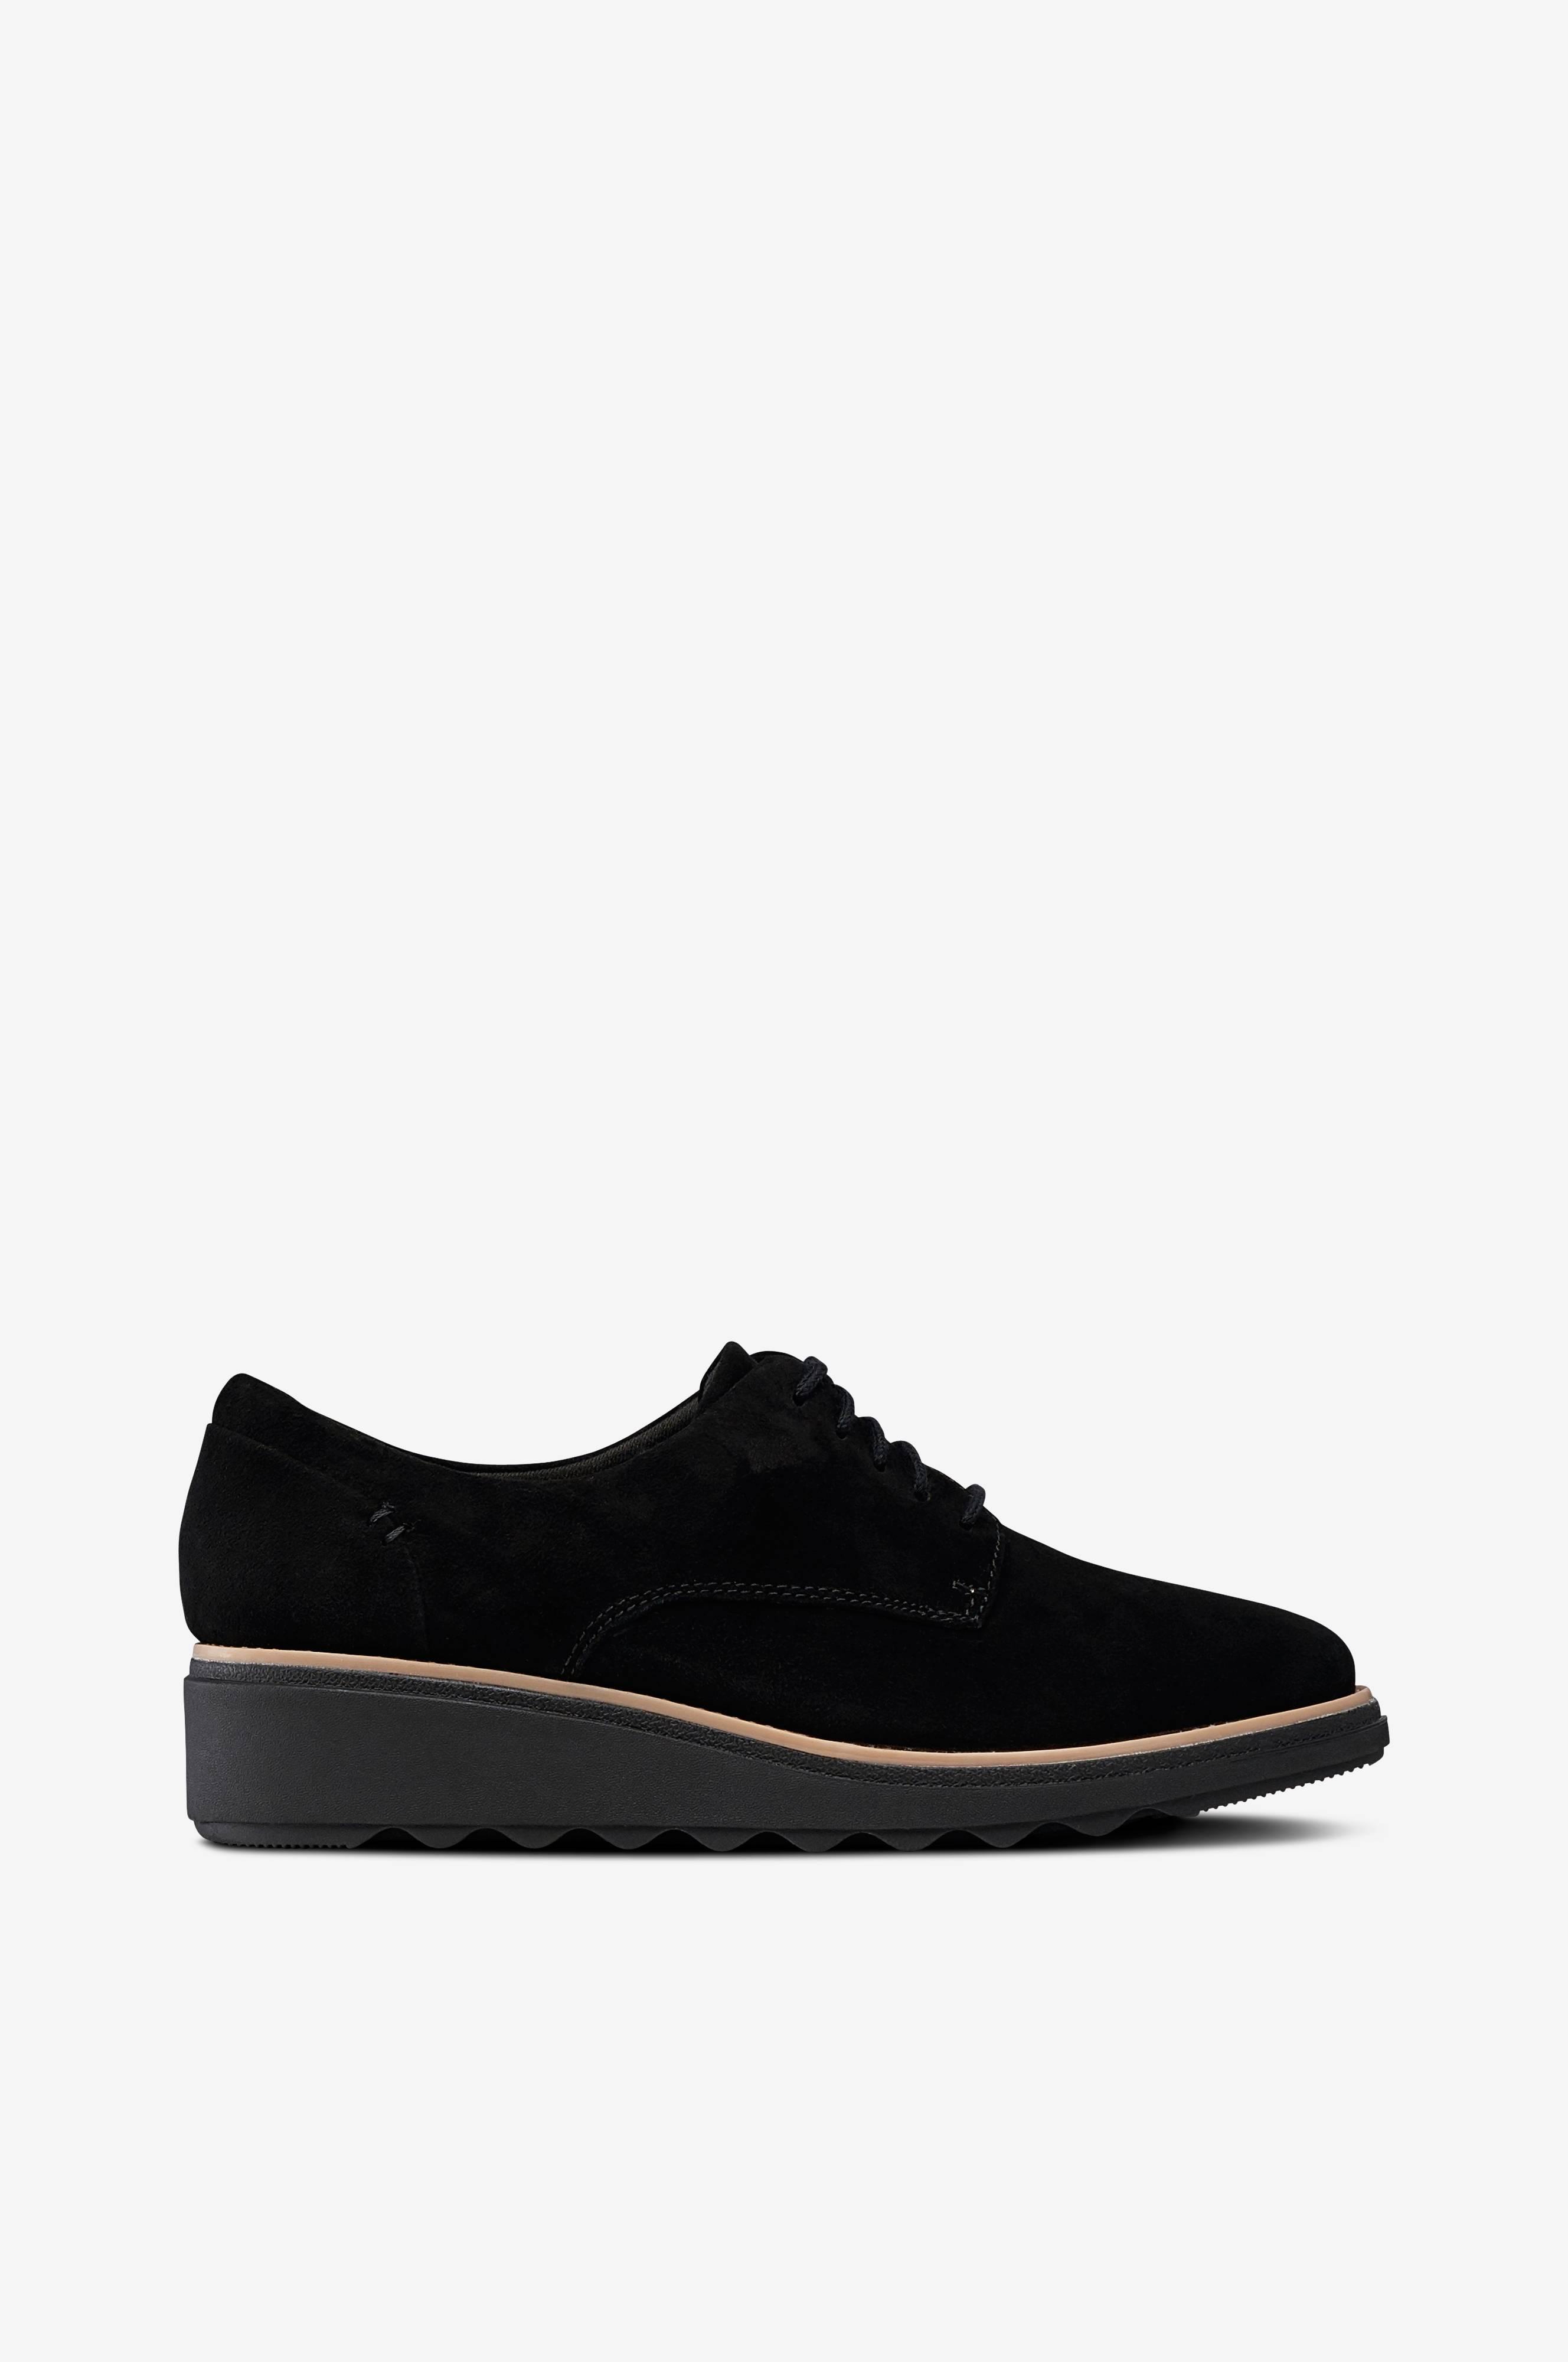 Clarks Sharon Noel -kengät - Musta - Naiset - Ellos.fi 26b5800f5c